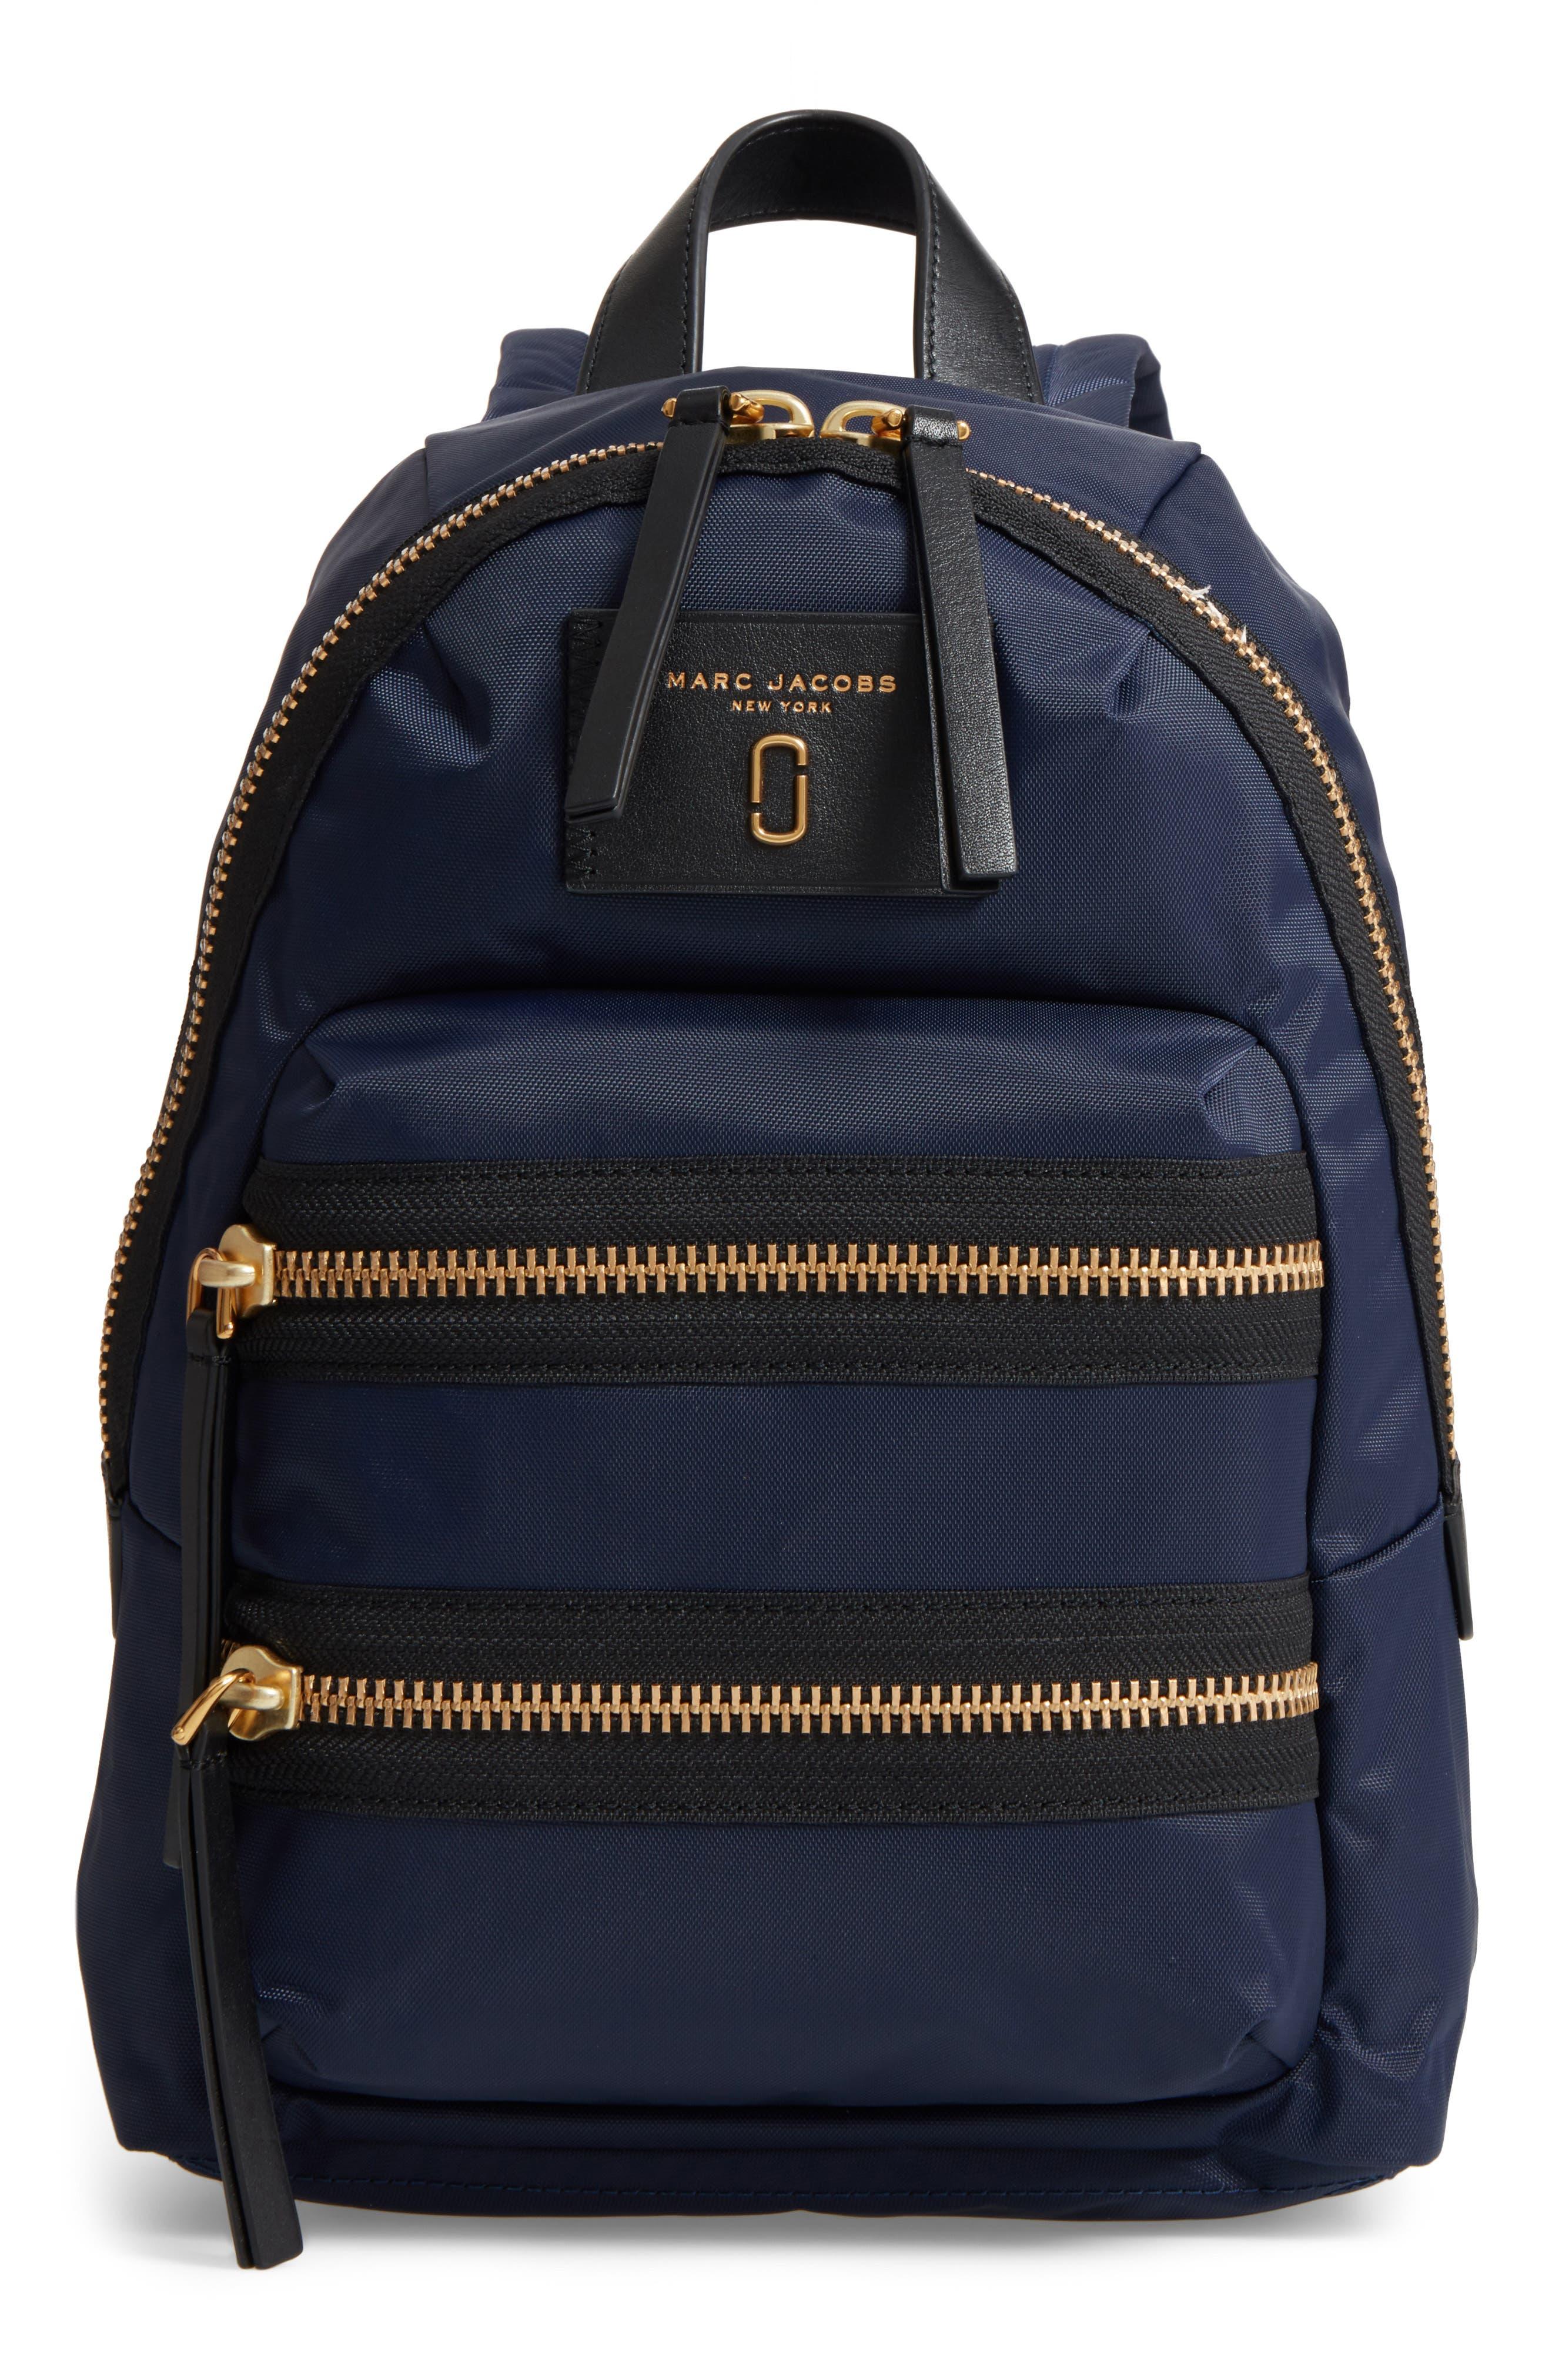 Alternate Image 1 Selected - MARC JACOBS Mini Biker Nylon Backpack